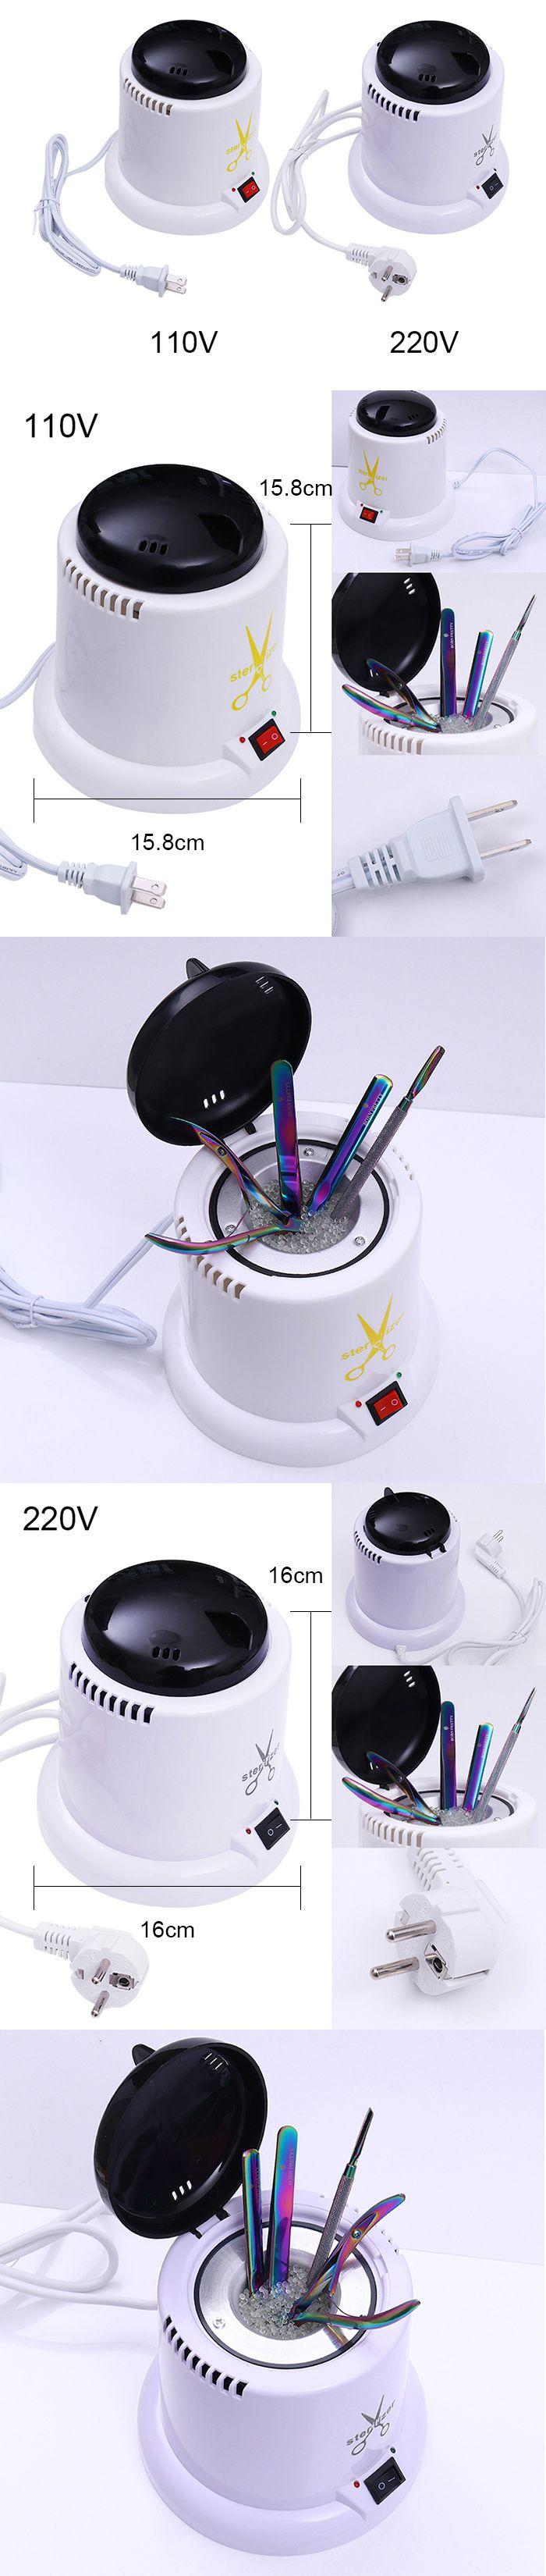 1 Pc 110 V/220 V Temperatura Esterilizador Caixa de Desinfecção de Máquinas de Bola De Vidro Manicure Ferramenta Da Arte Do Prego em Formato Para Unha de Beleza & Saúde no AliExpress.com   Alibaba Group